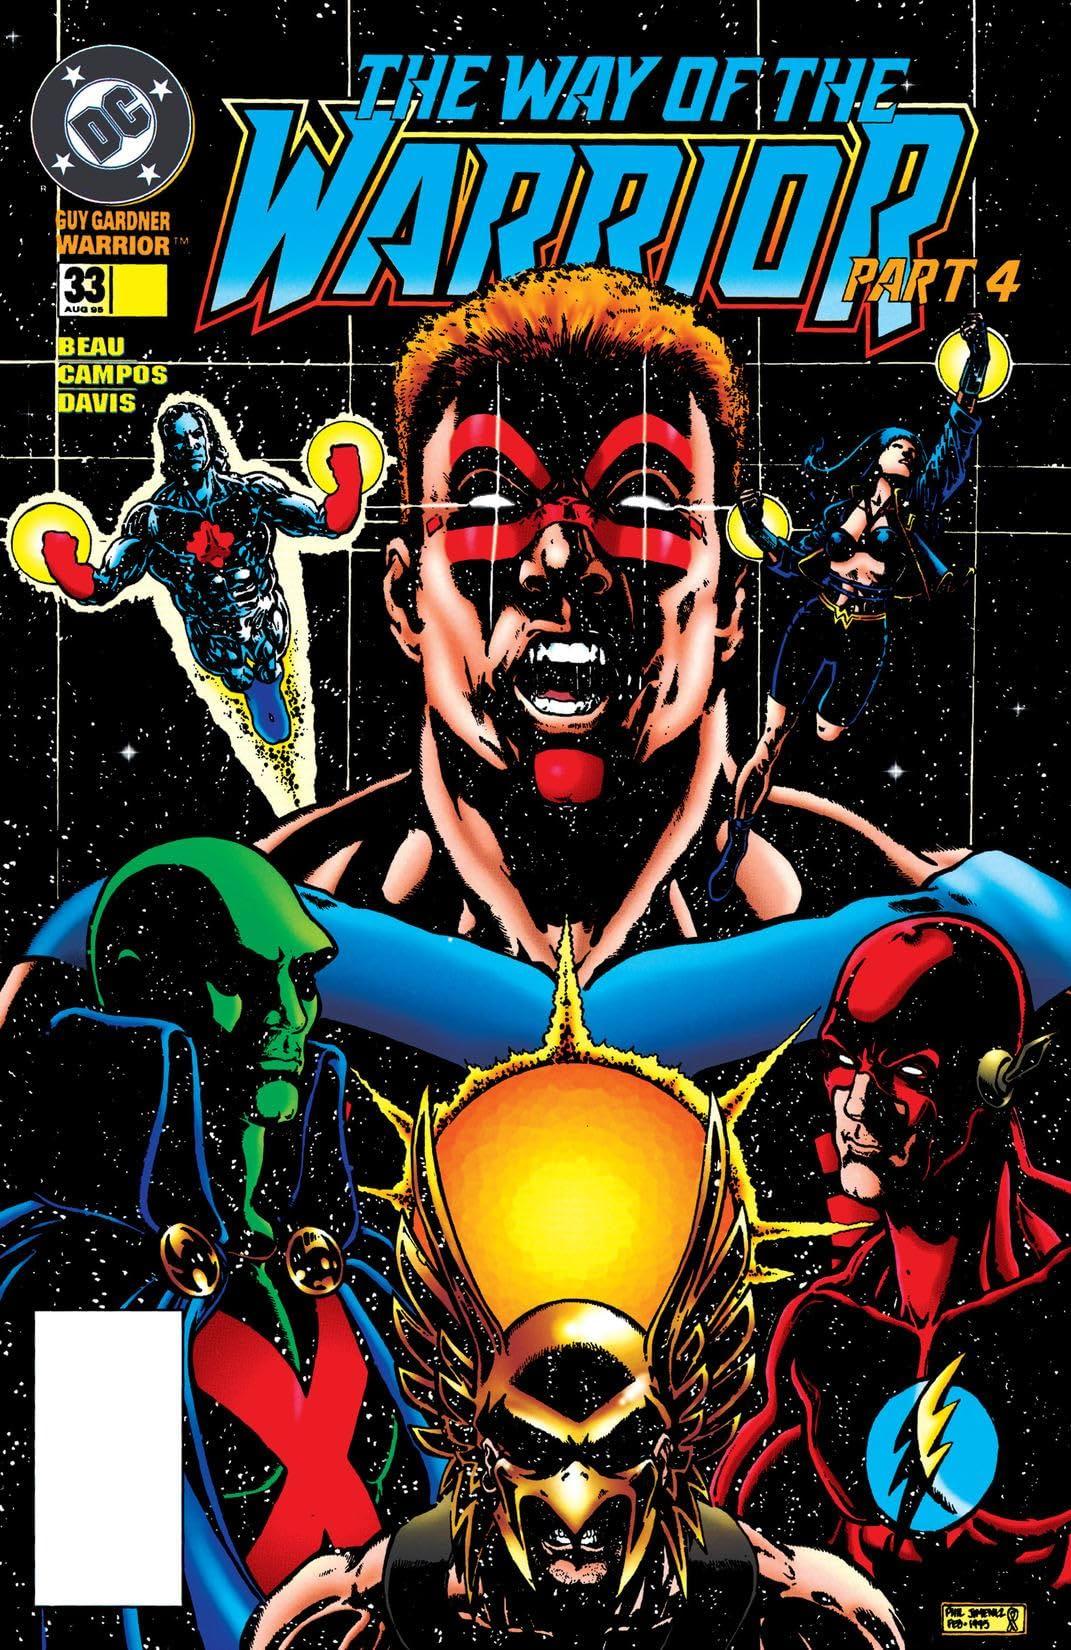 Guy Gardner: Warrior (1992-1996) #33